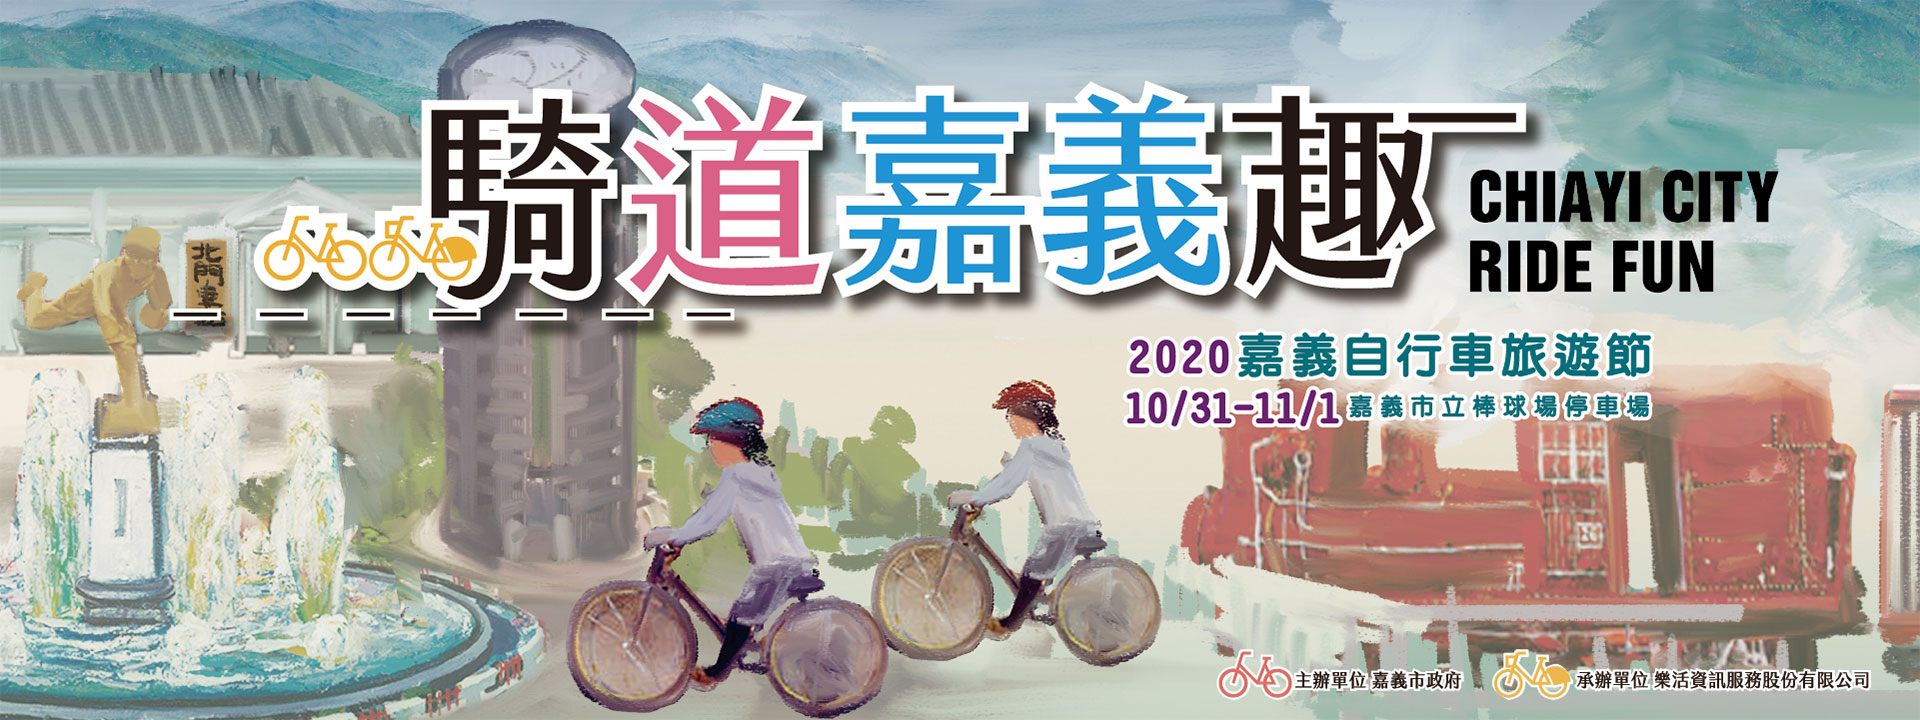 2020 嘉義市自行車旅遊節-騎道嘉義趣(第一日)